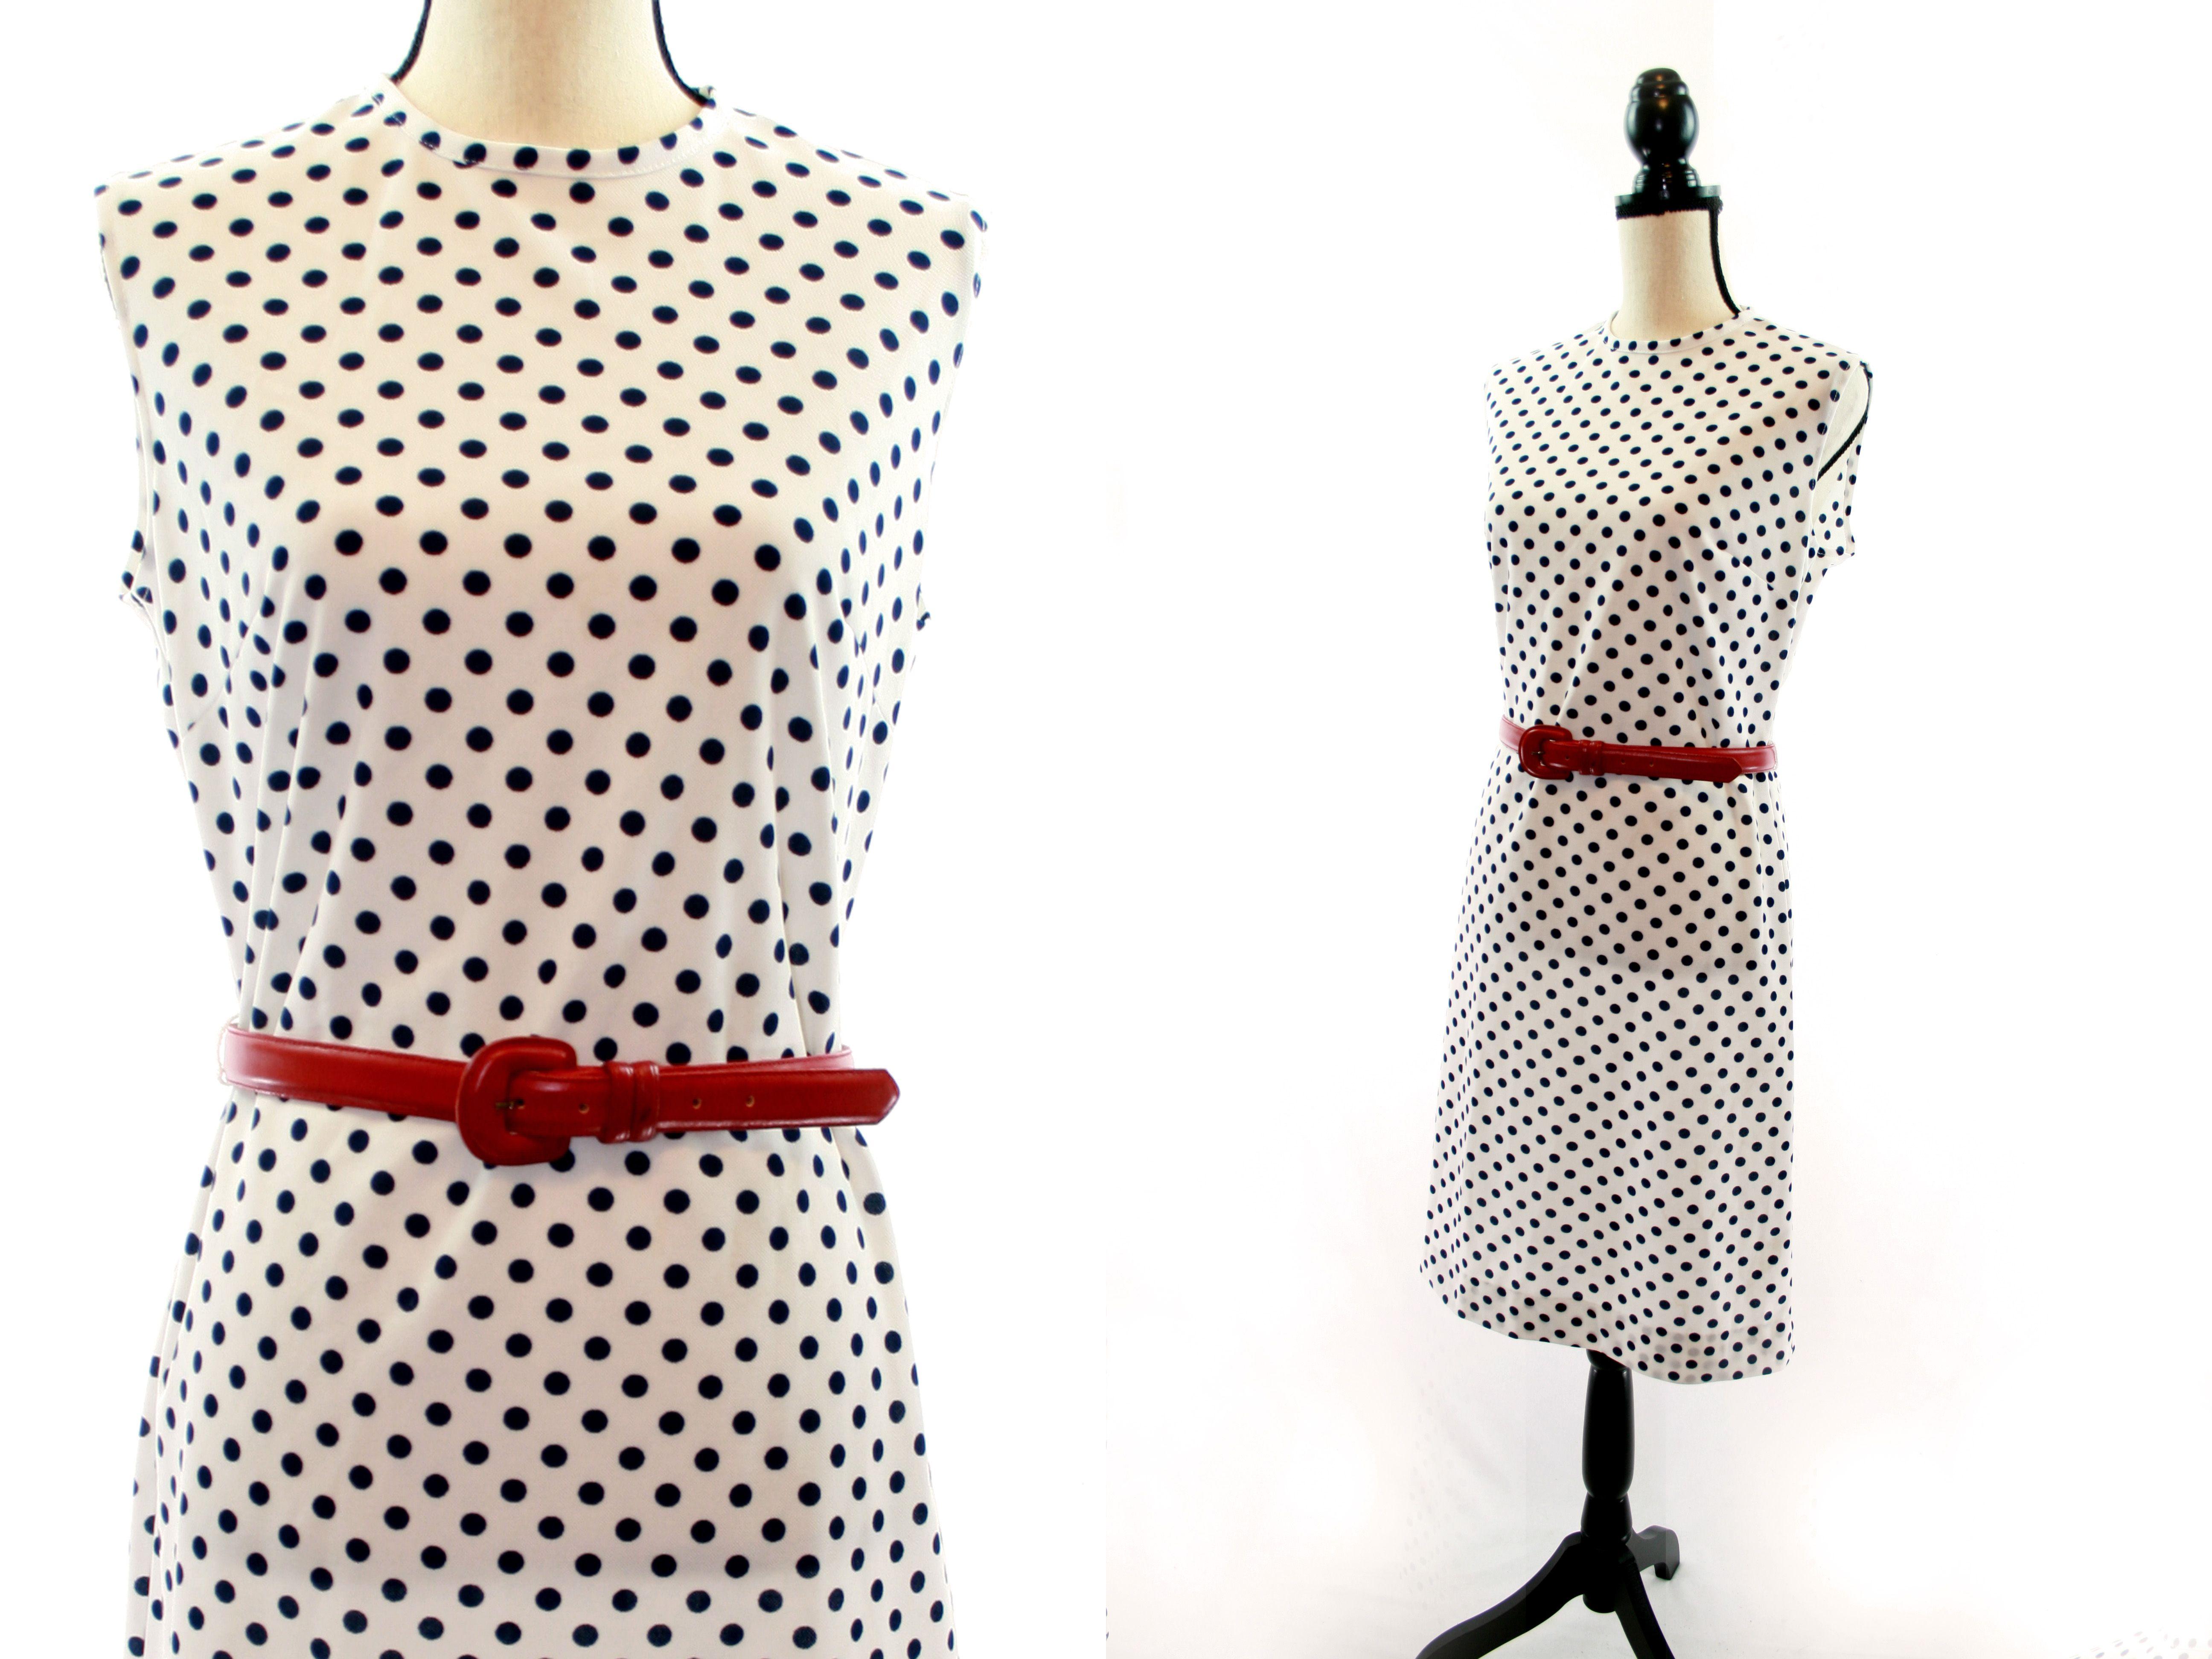 60s 1960 Vintage Polka Dot Shift Dress Vintage Outfits Vintage Outfits 60s Cute Vintage Outfits [ 3888 x 5184 Pixel ]